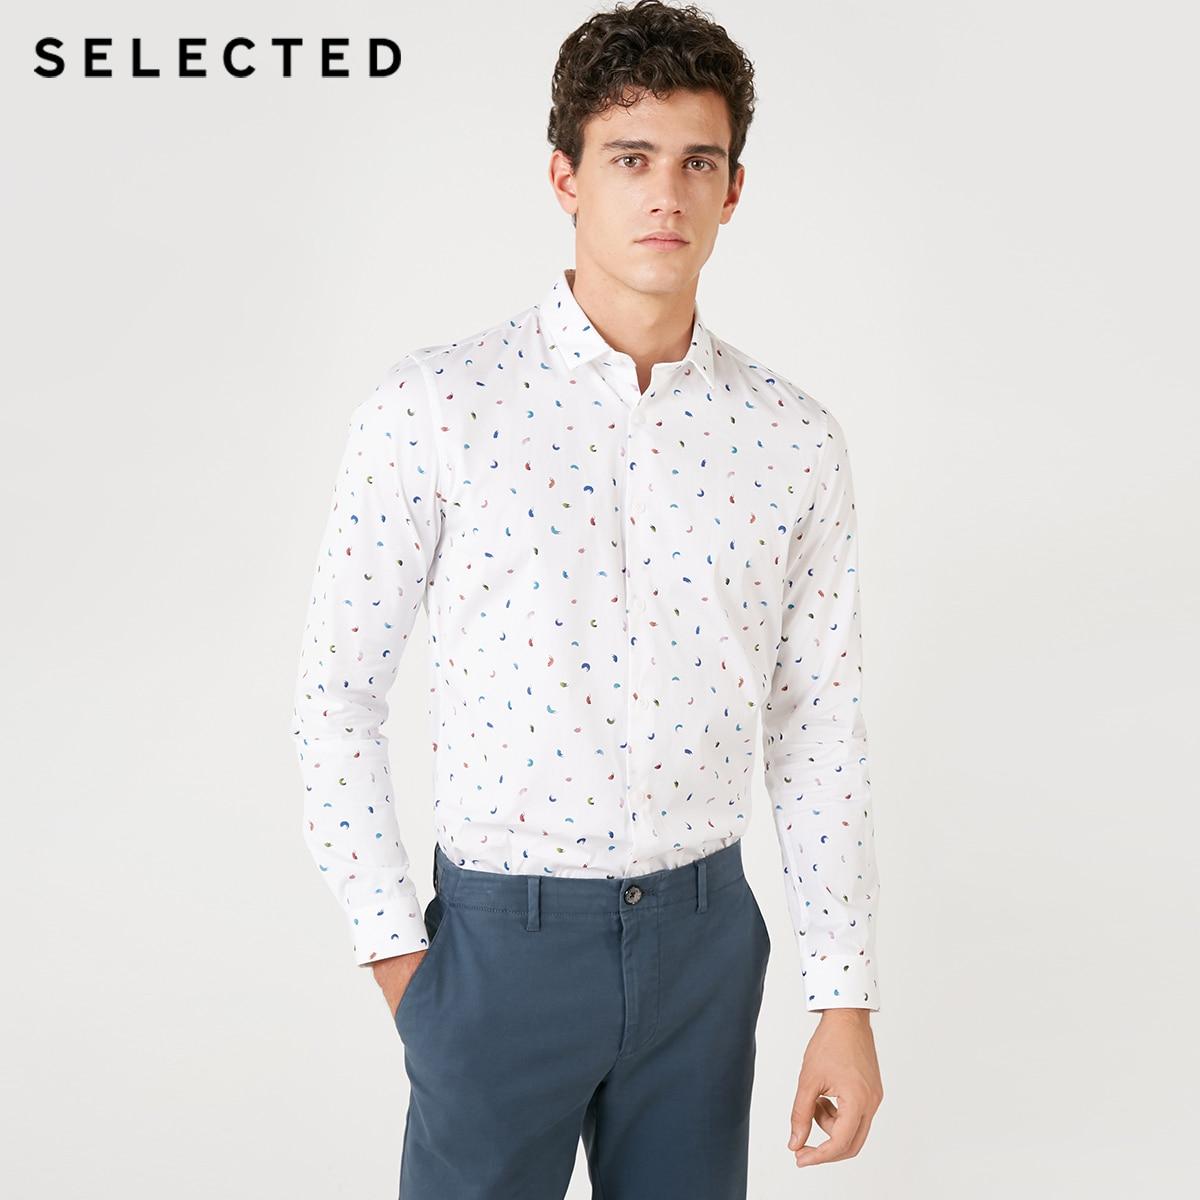 SELECTED Men's Slim Fit 100% Cotton Shirt S|418405522